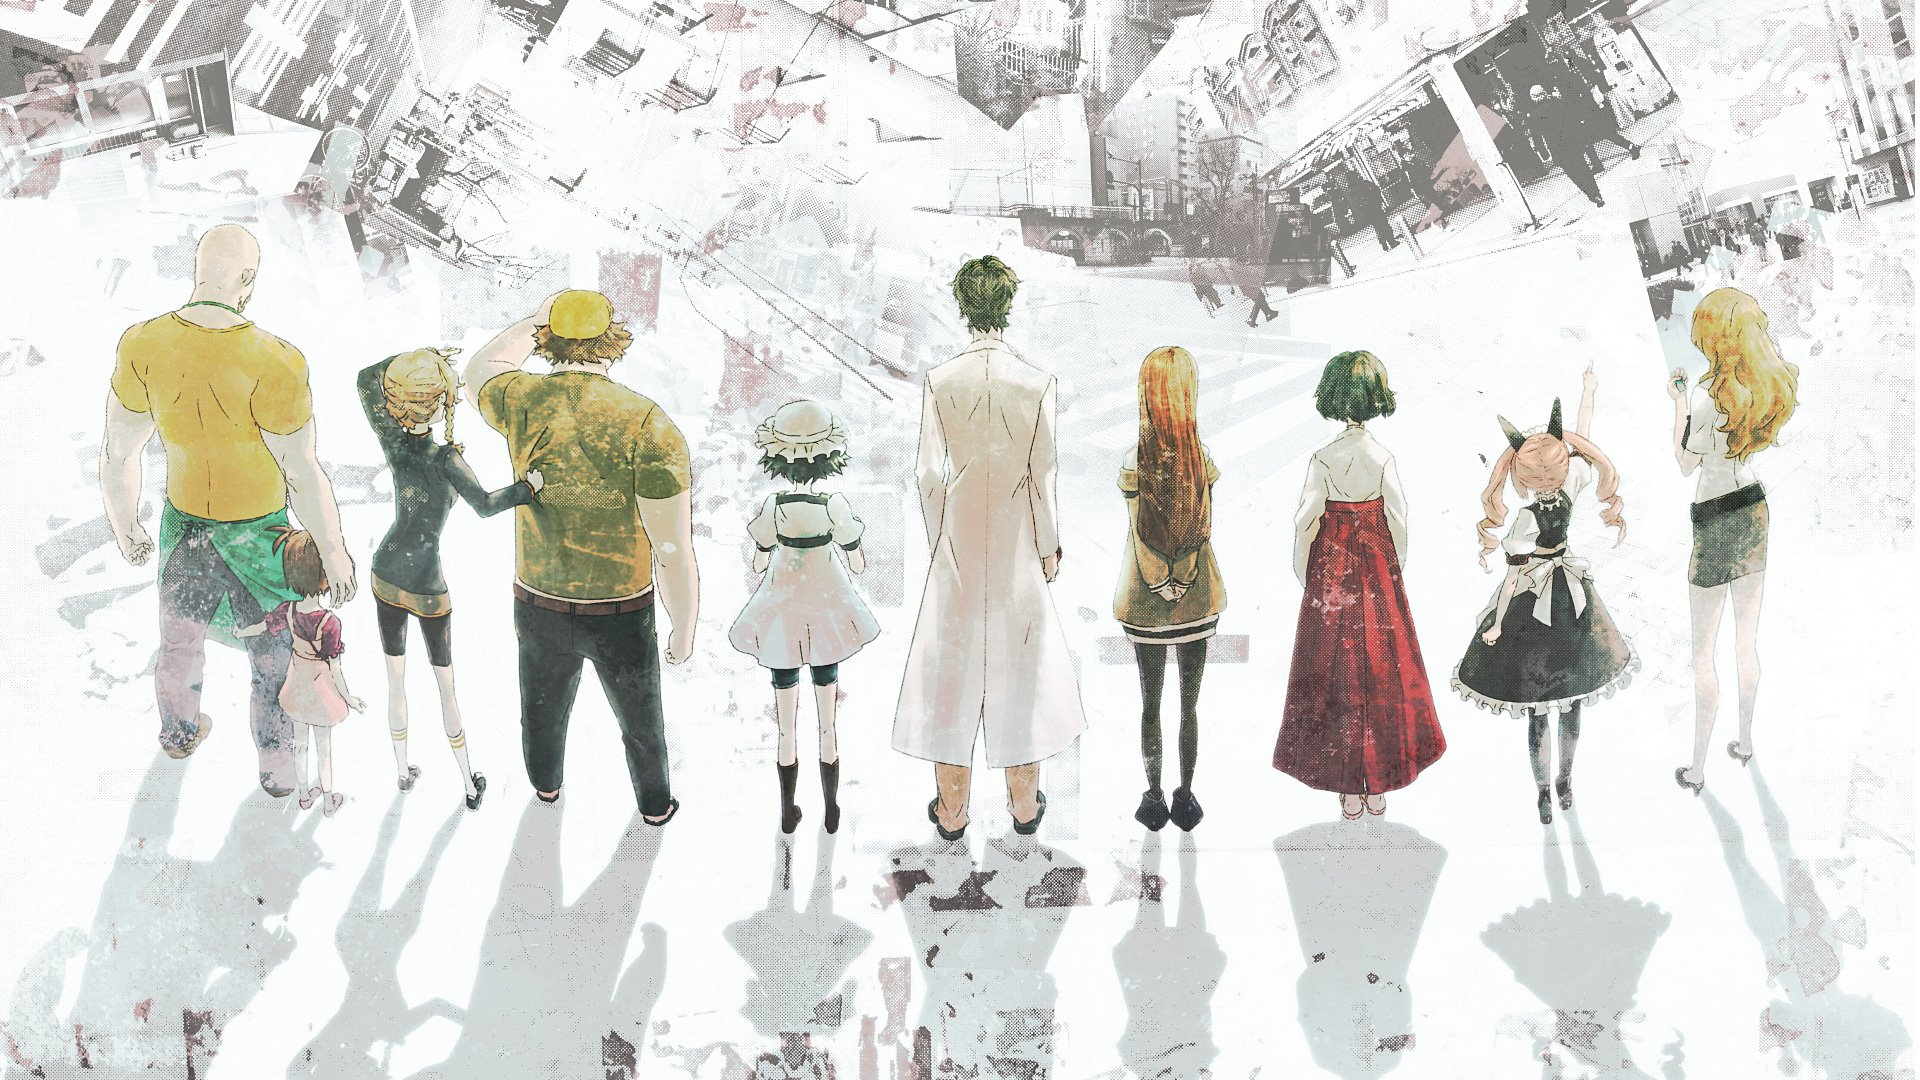 Steins;Gate, Wallpaper - Zerochan Anime Image Board